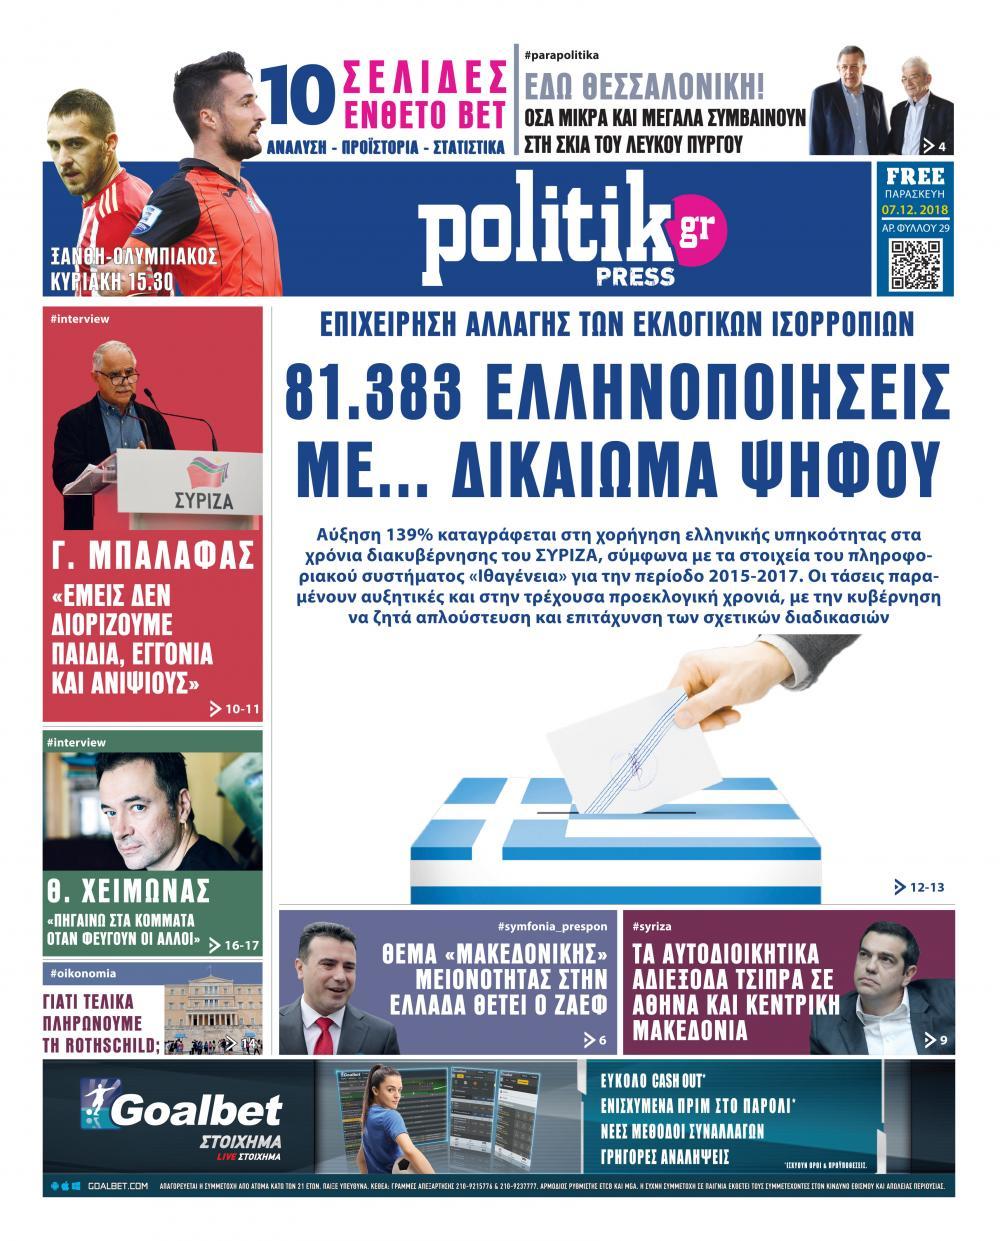 Πρωτοσέλιδο εφημερίδας Politik Press